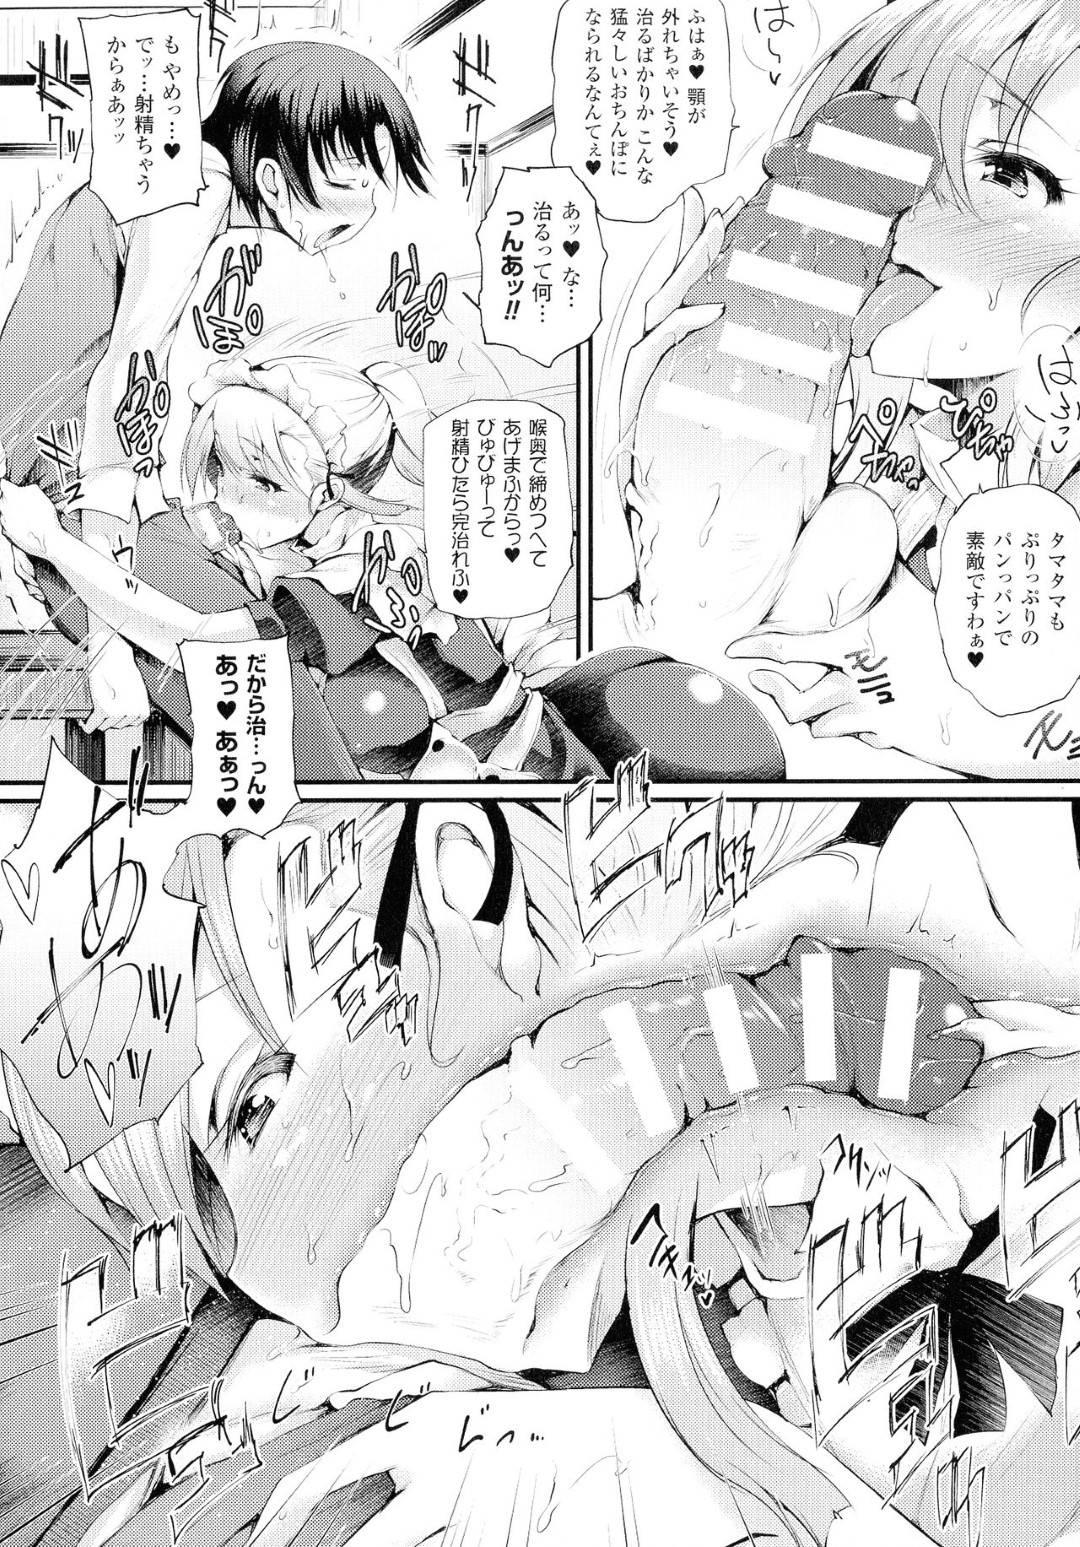 【エロ漫画】若様とご奉仕セックスする淫乱なムチムチメイドお姉さん…彼女は彼の巨根をフェラやパイズリでご奉仕した挙げ句、正常位で中出しセックスさせる!【大平さんせっと:ニンフォメイド】